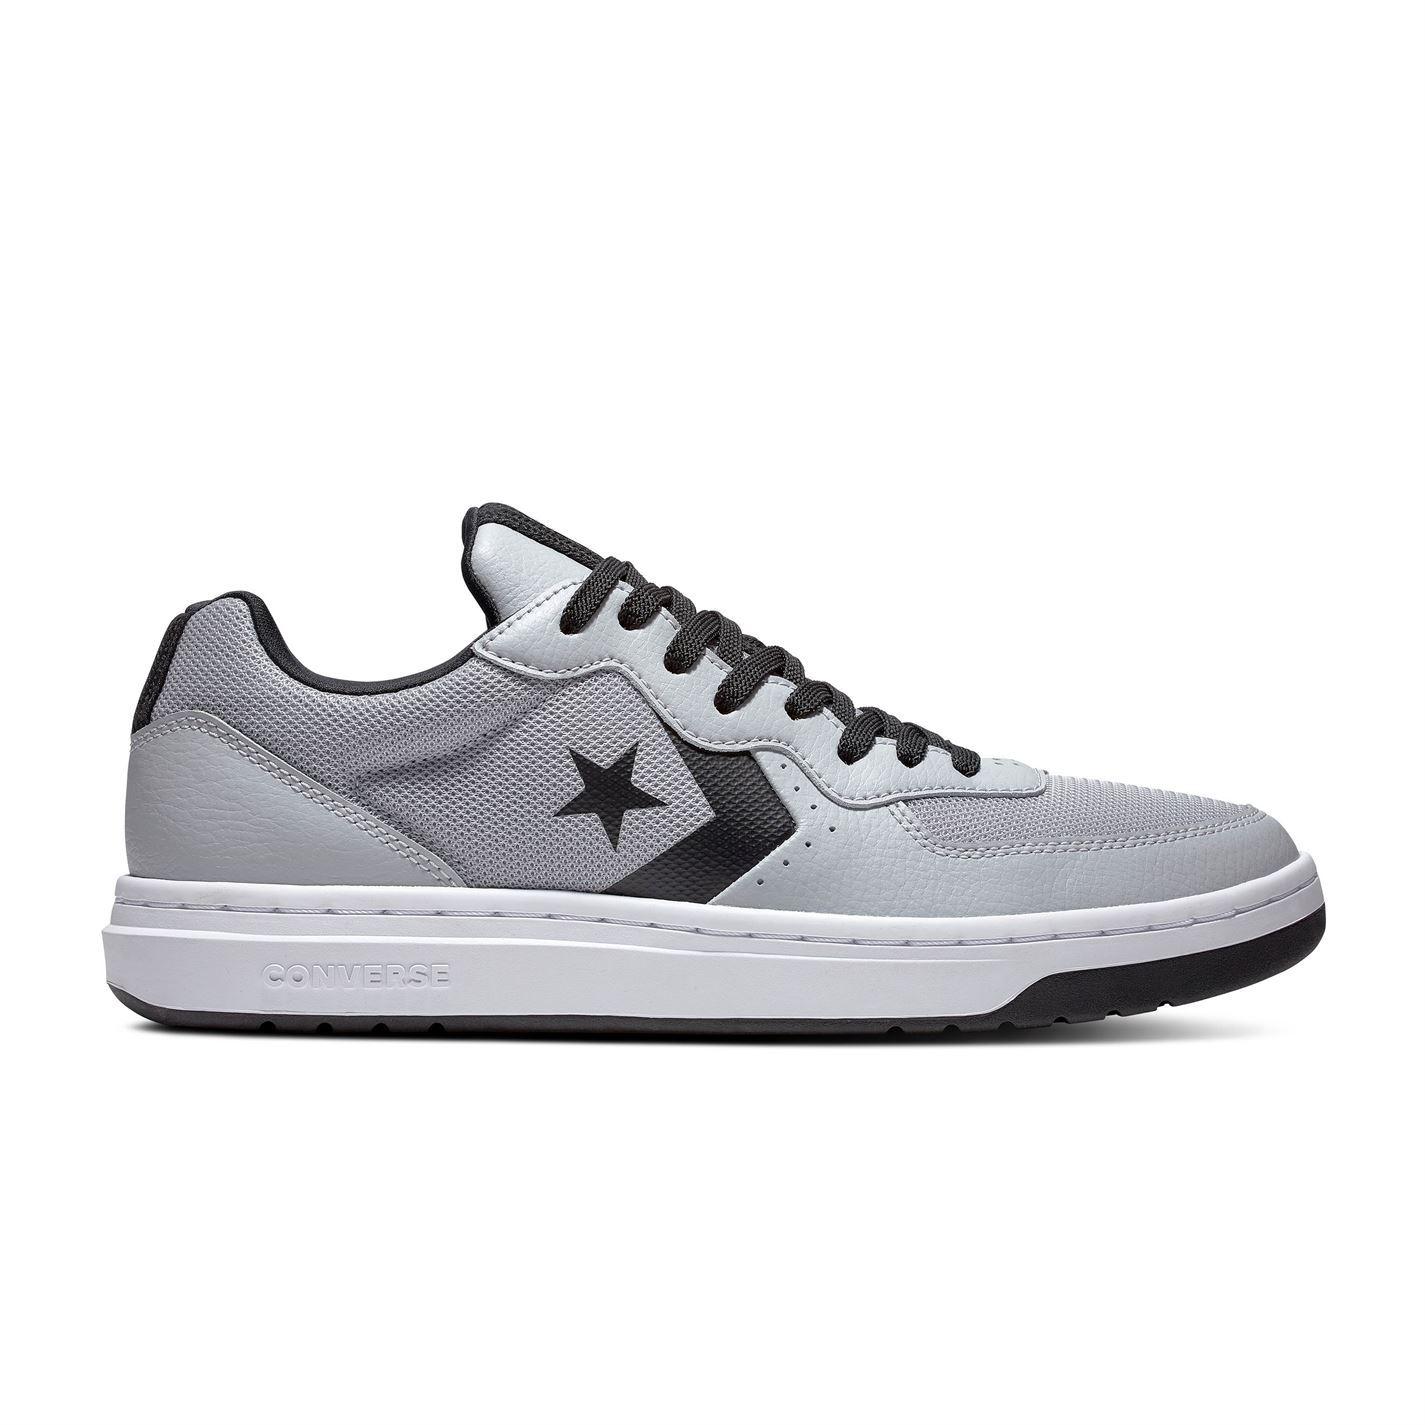 Converse-Rival-Baskets-Pour-Homme-Chaussures-De-Loisirs-Chaussures-Baskets miniature 21